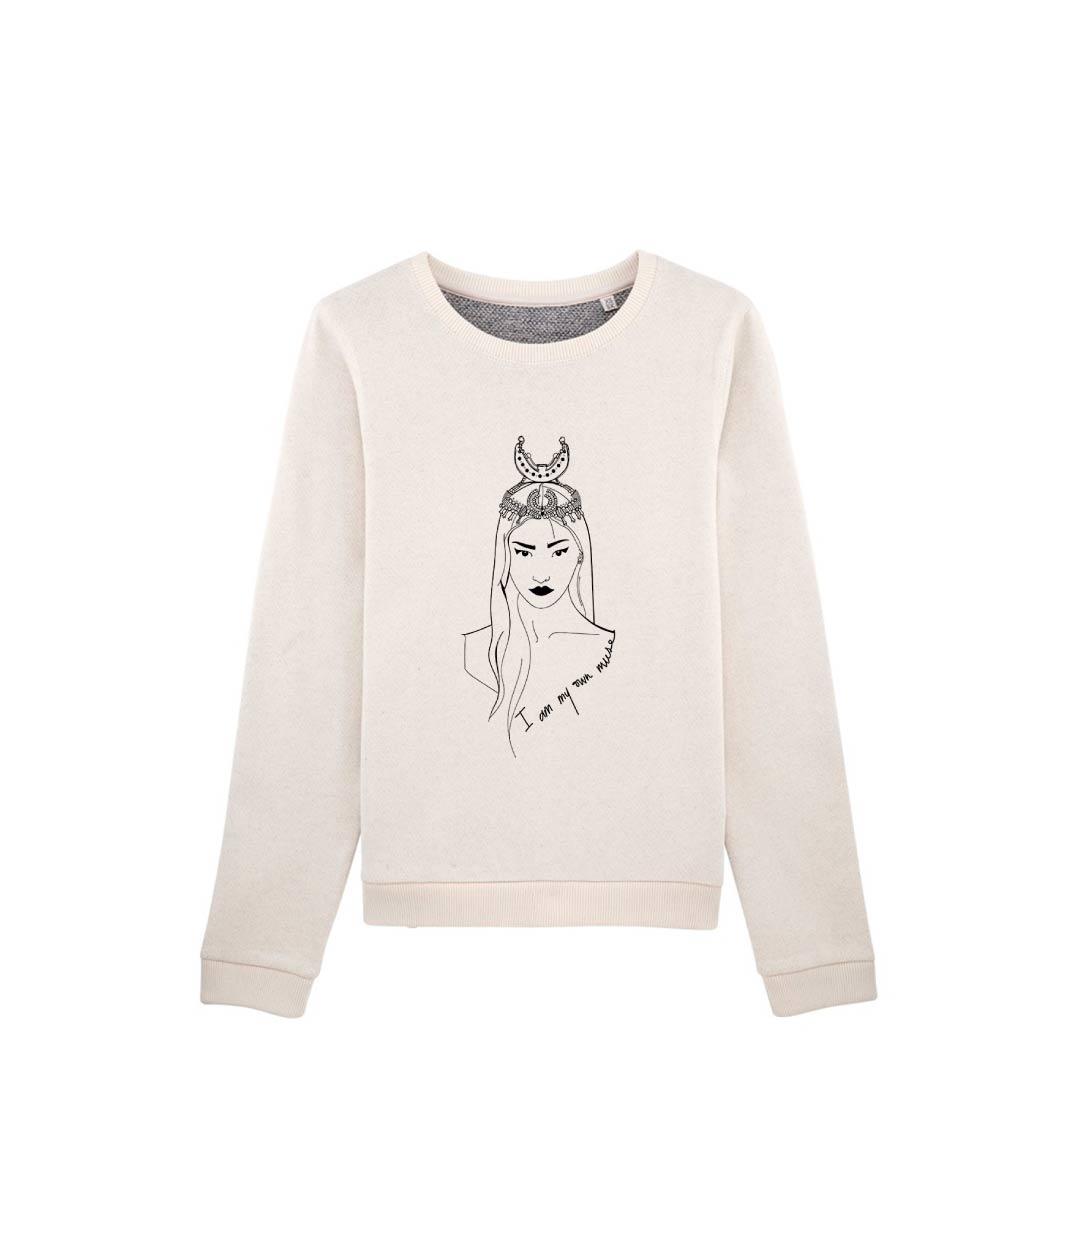 mockup sweatshirt creme avec dessin coyoqui leonor roversi